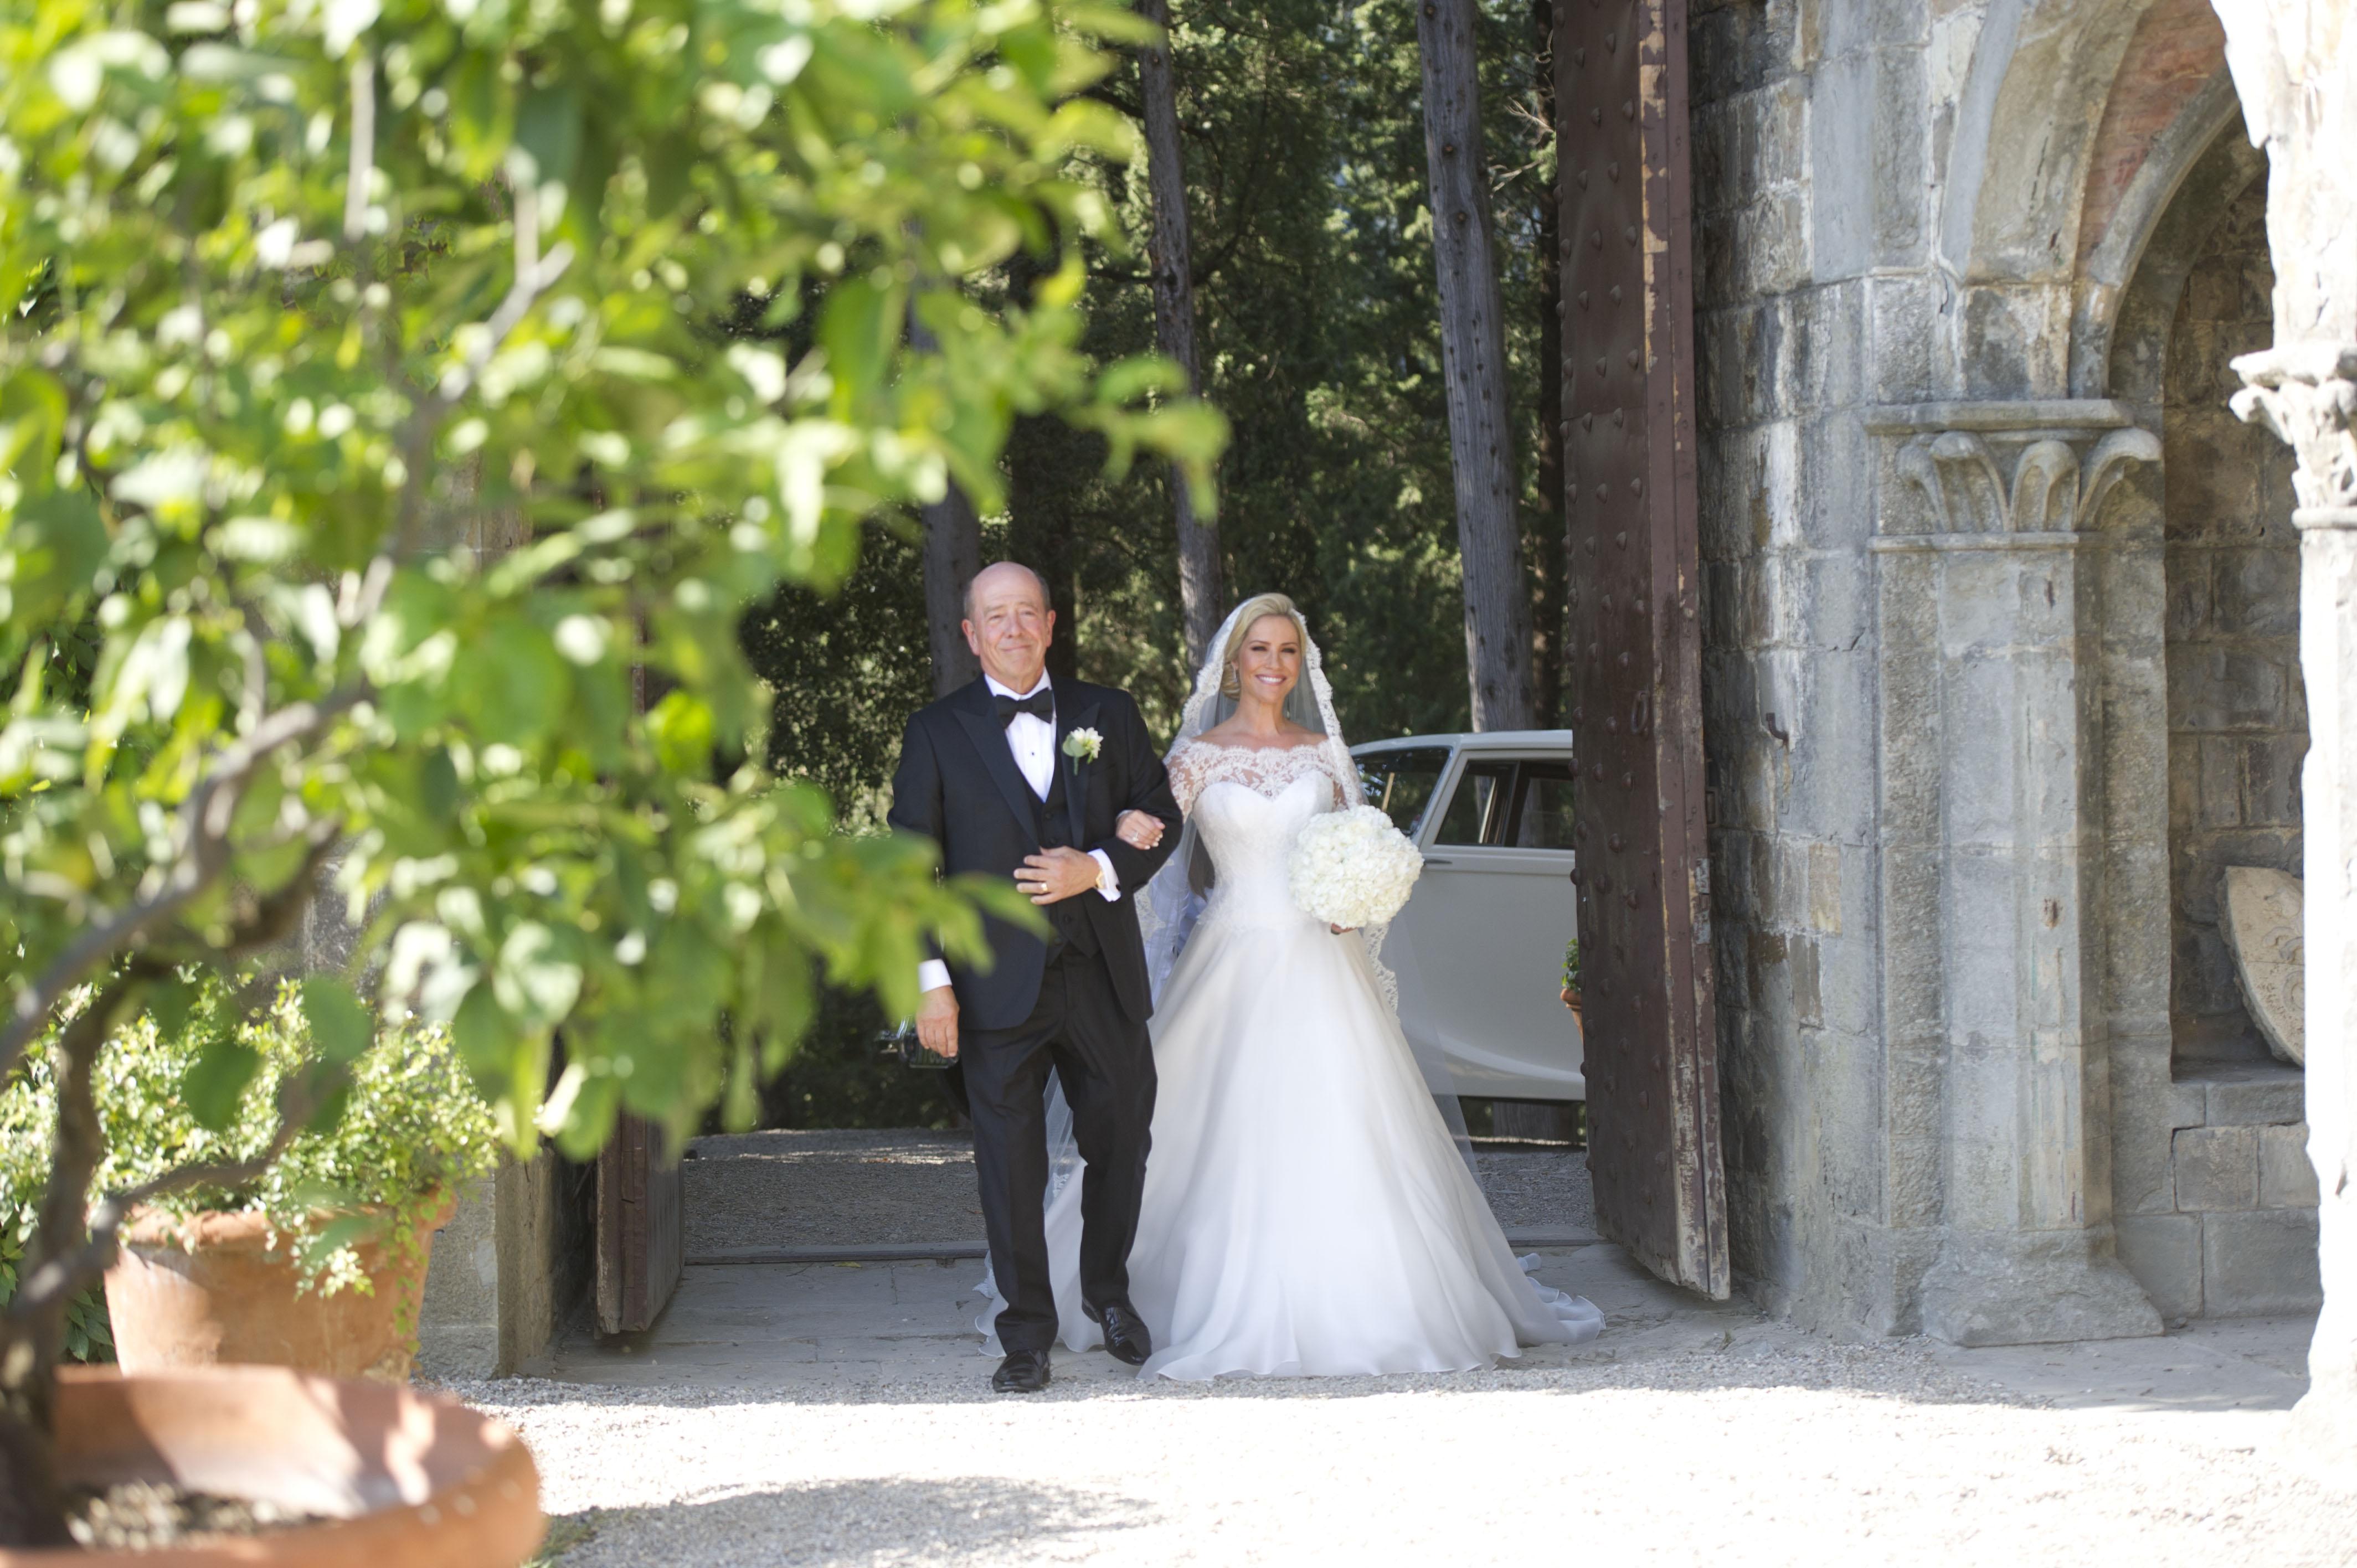 heidi-range-suzanne-neville-wedding-gown-5